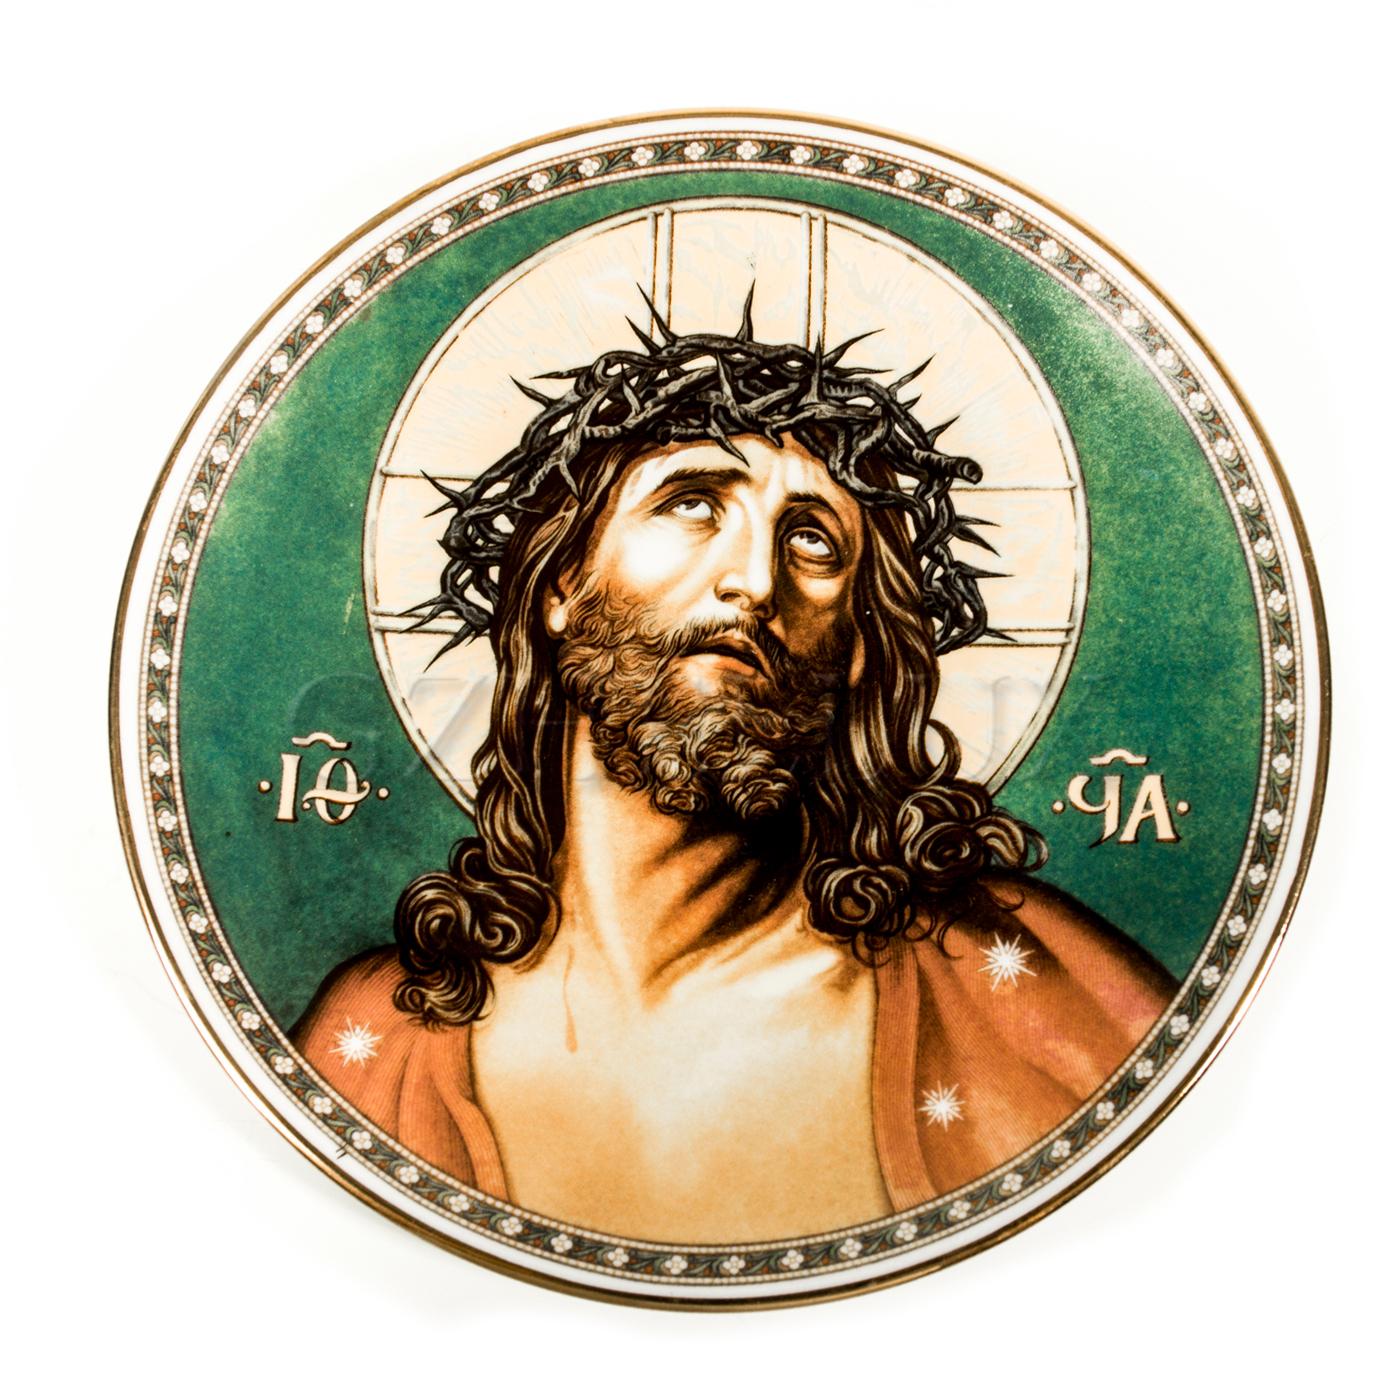 Тарелка настенная «Спаситель» (деколь)